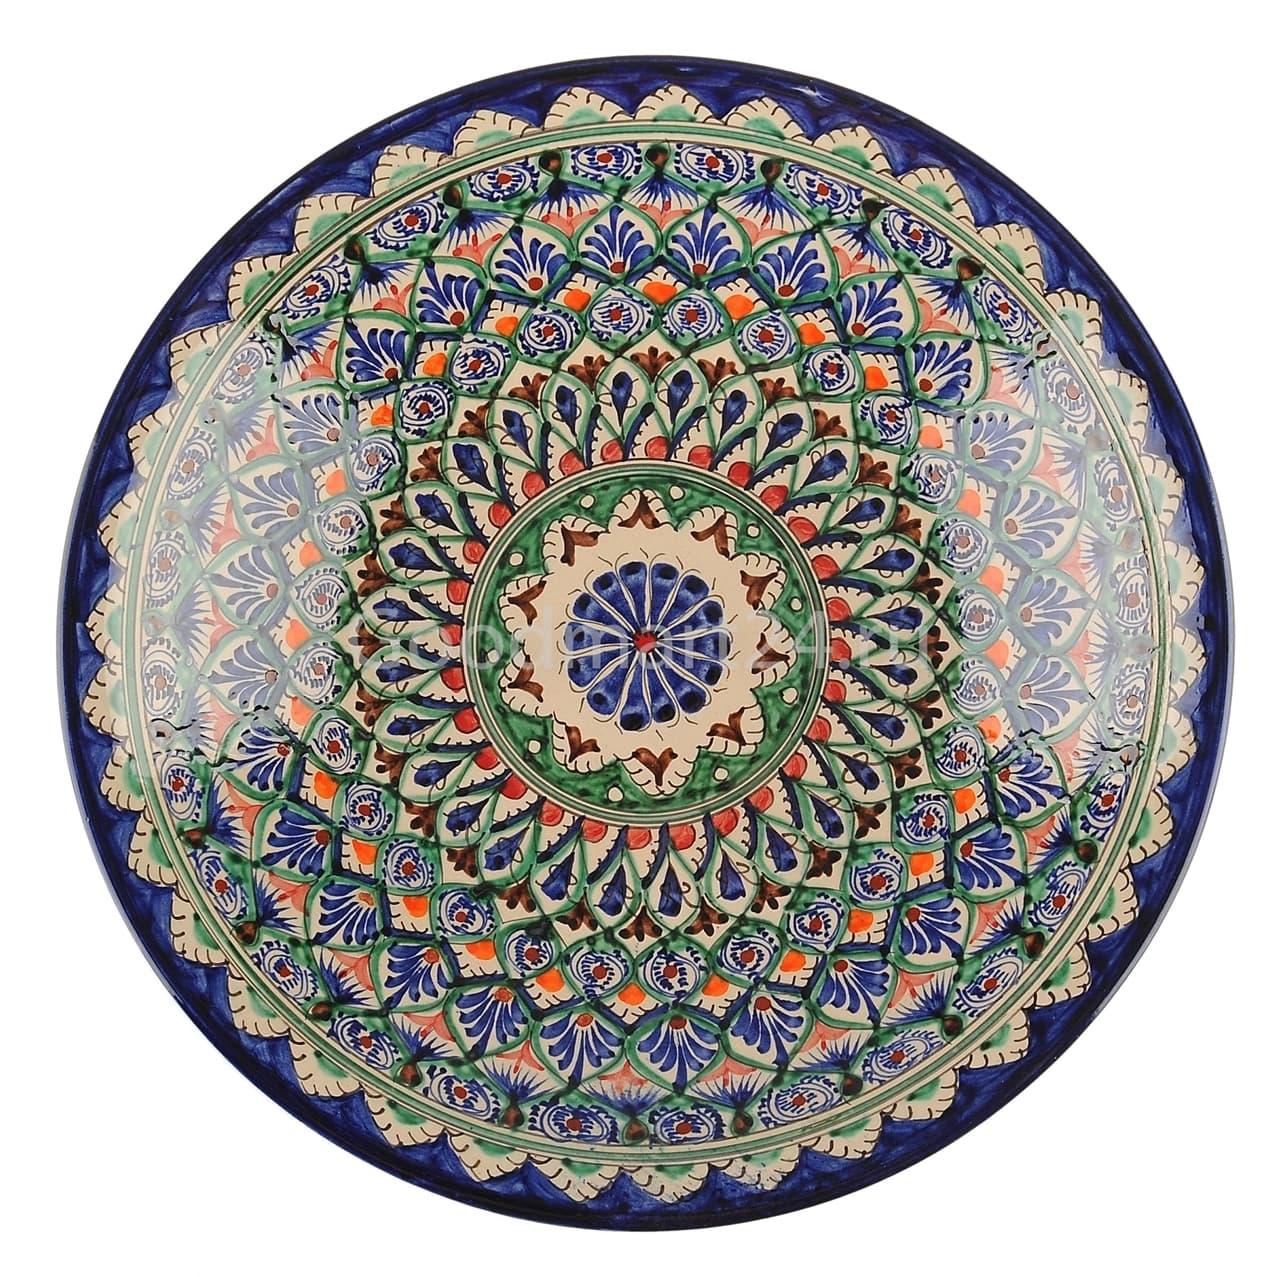 Ляган Риштанская Керамика 42 см. плоский, синий - фото 7329